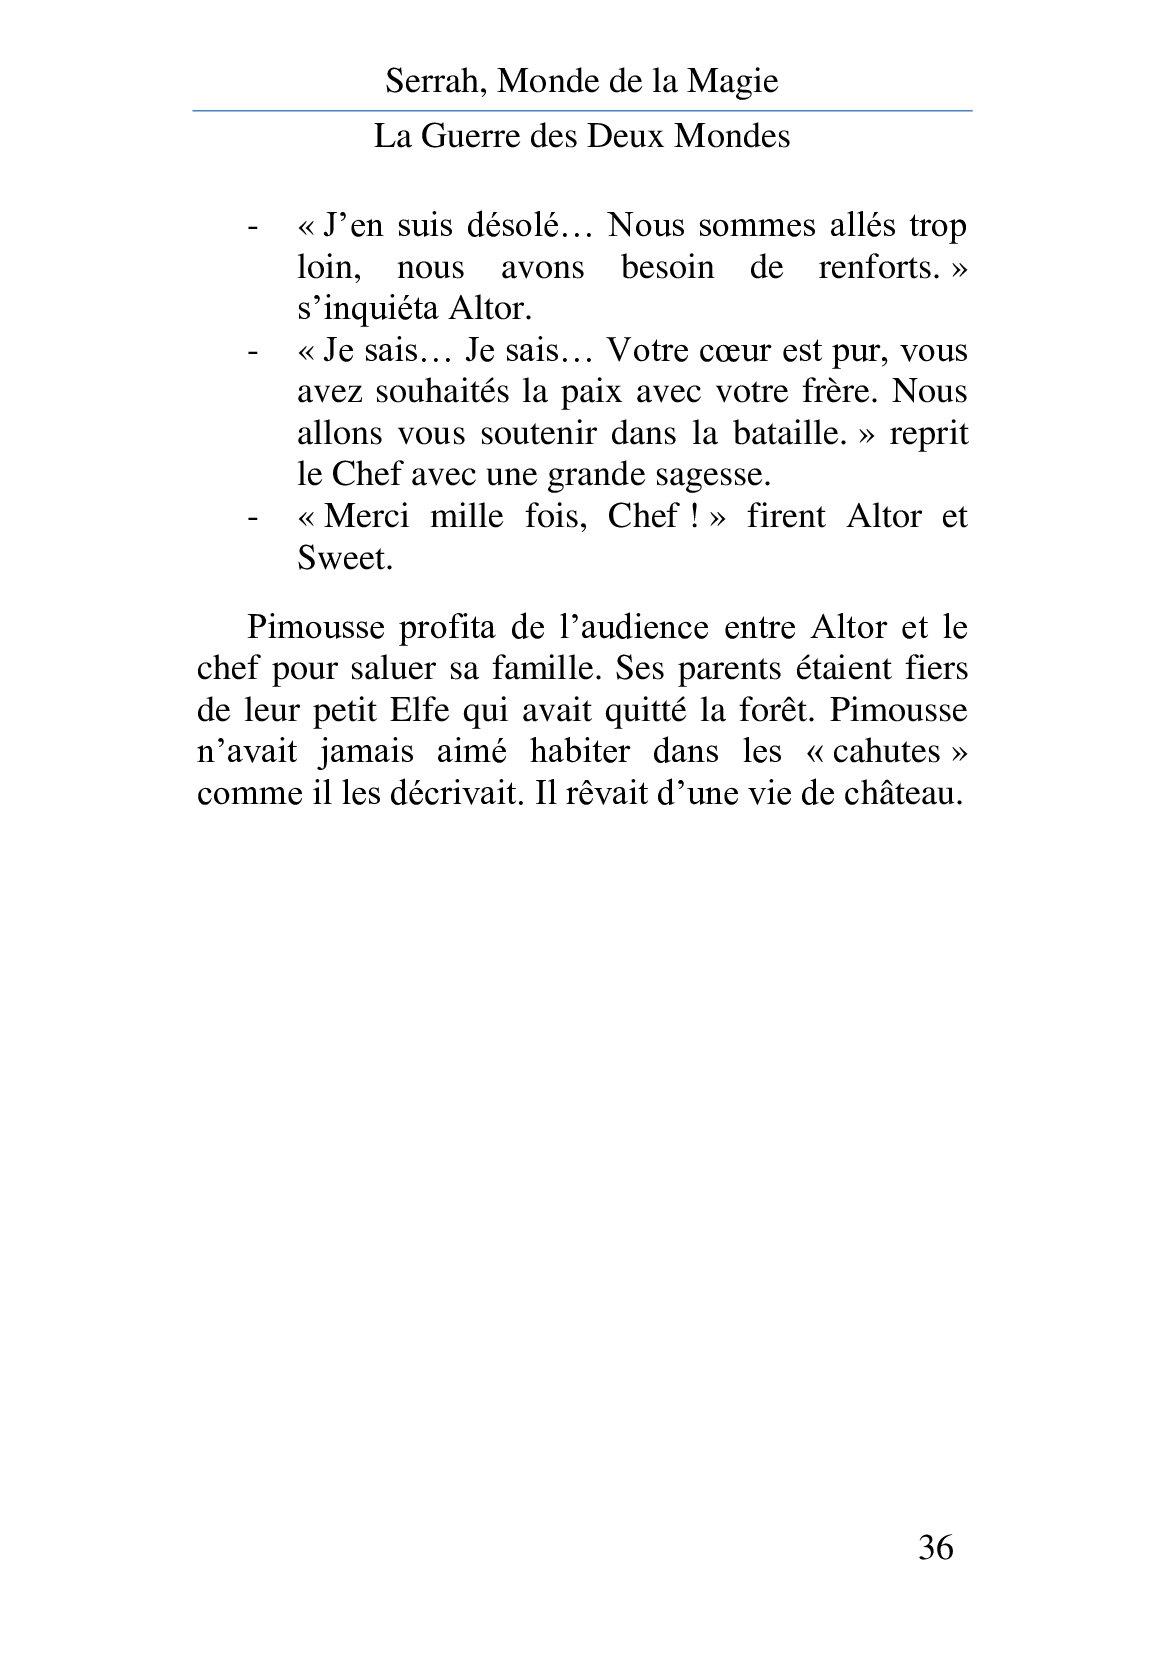 Chapitre 7 - Appel aux Renforts 200428084130541791